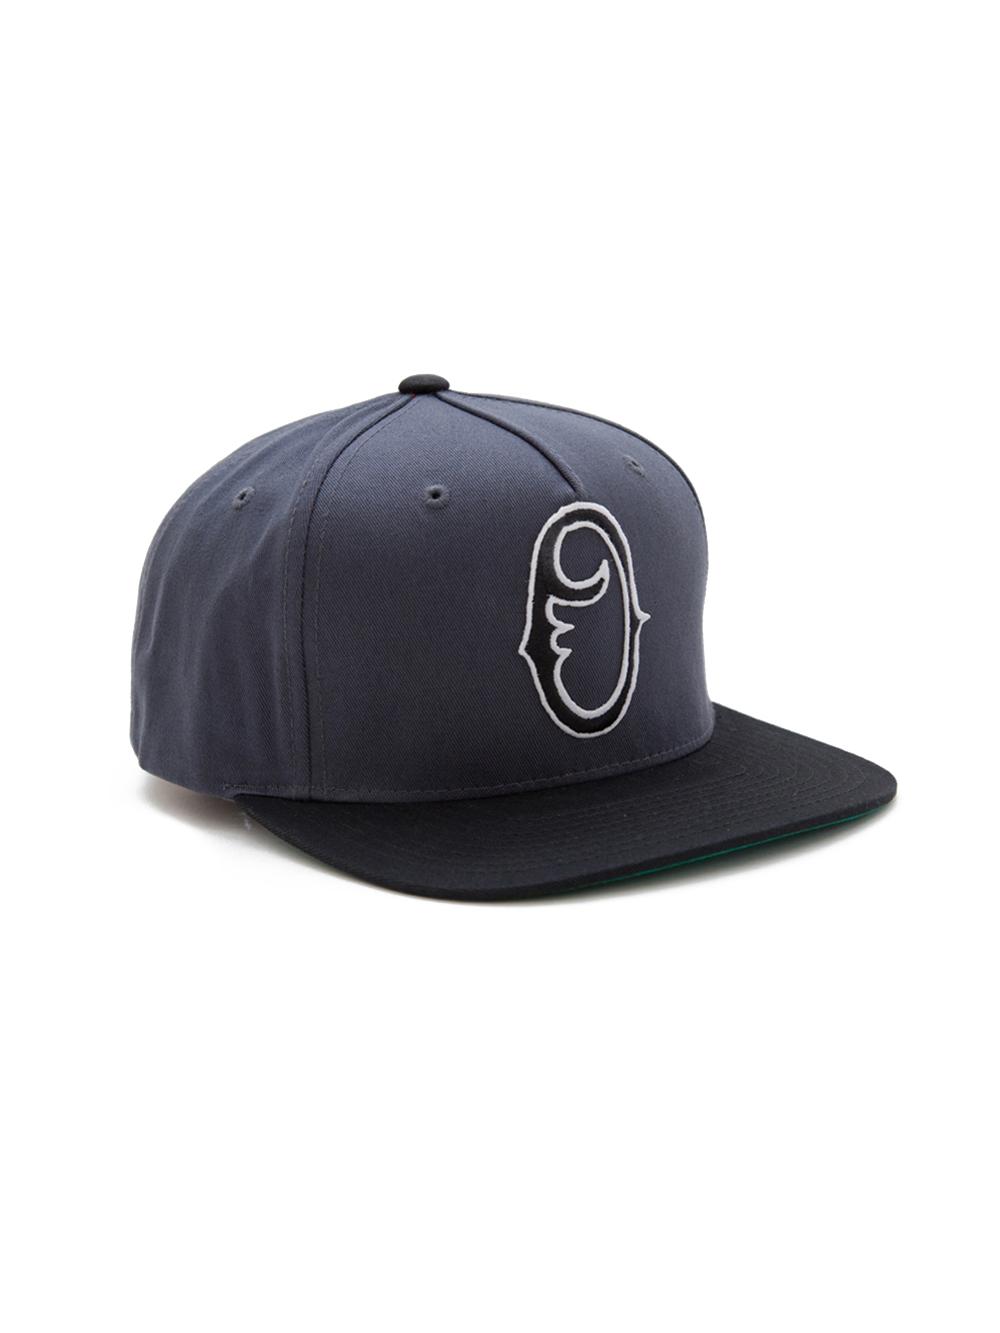 Staple Snapback Hat - Obey Clothing UK 32e63175686